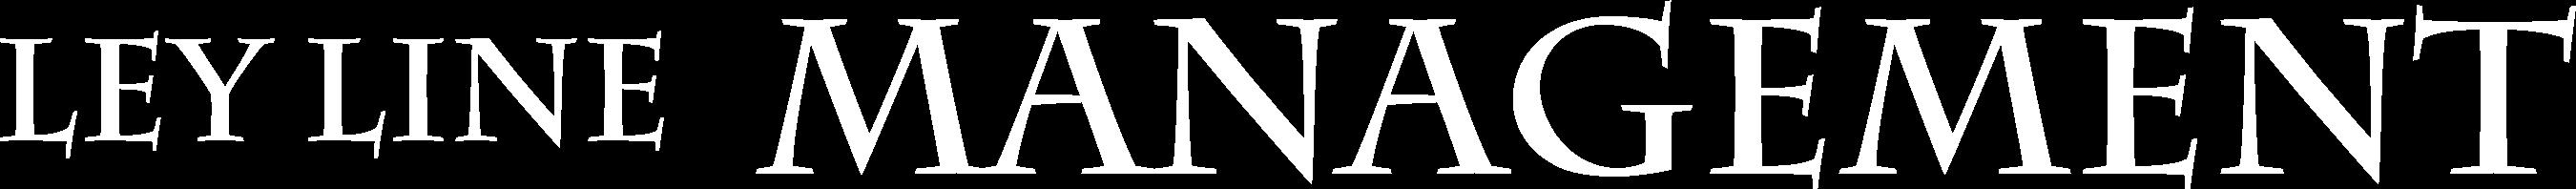 LEY LINE MANAGEMAET / レイラインマネージメント